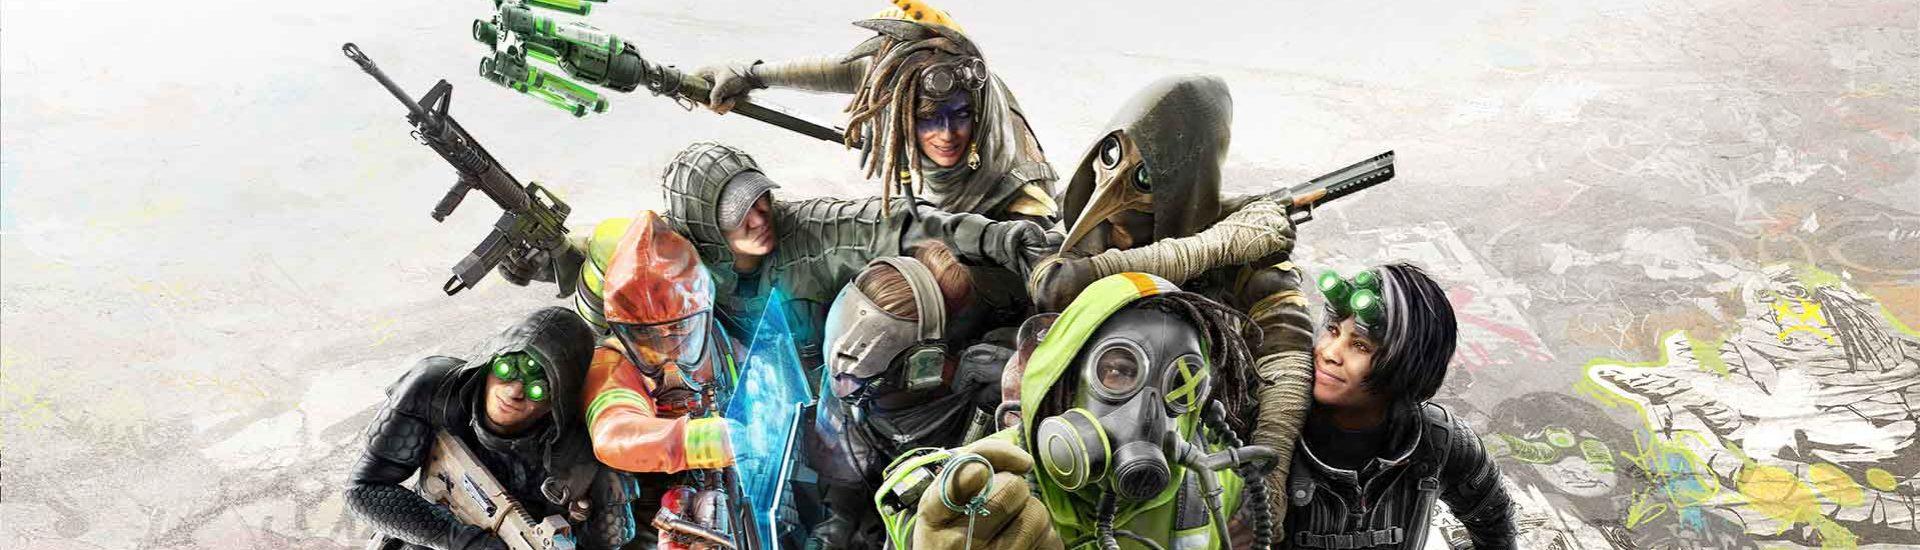 Ubisoft kündigt mit XDefiant einen neuen Tom Clancy-Shooter an